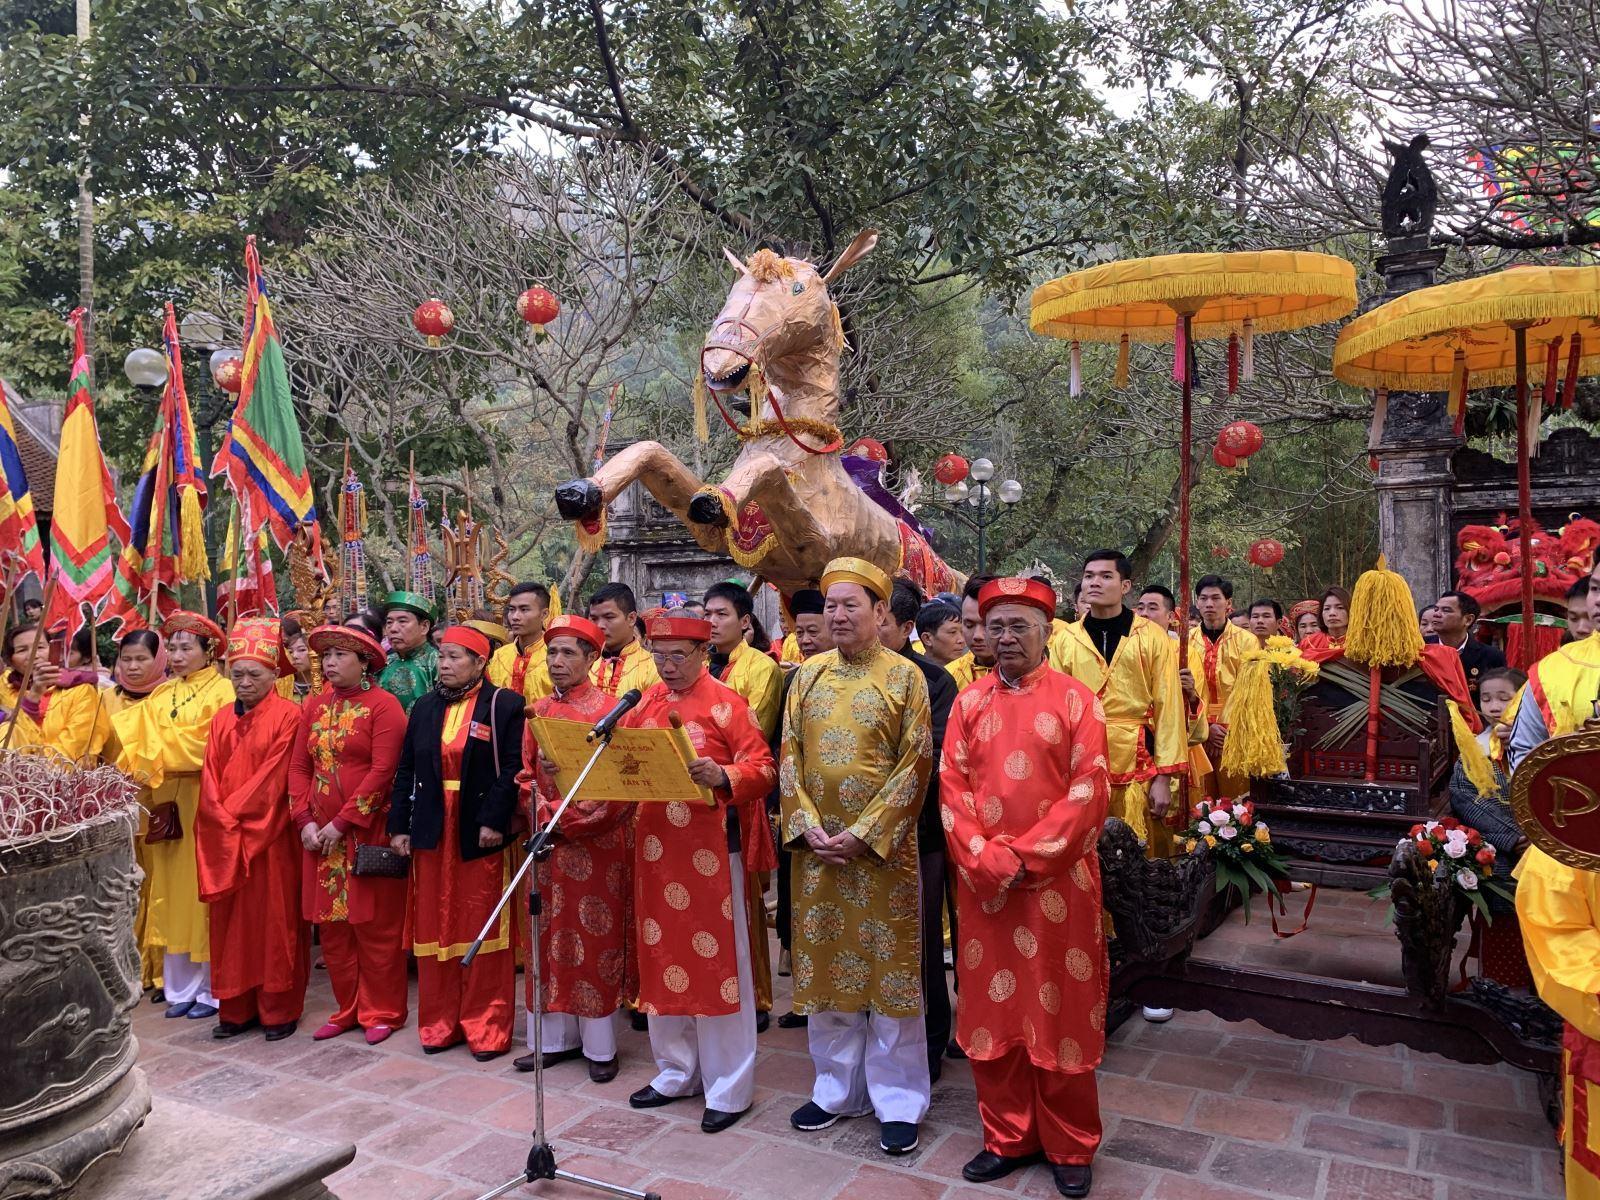 Lễ hội đền Sóc với nhiều nghi thức tưởng nhớ Thánh Gióng | baotintuc.vn